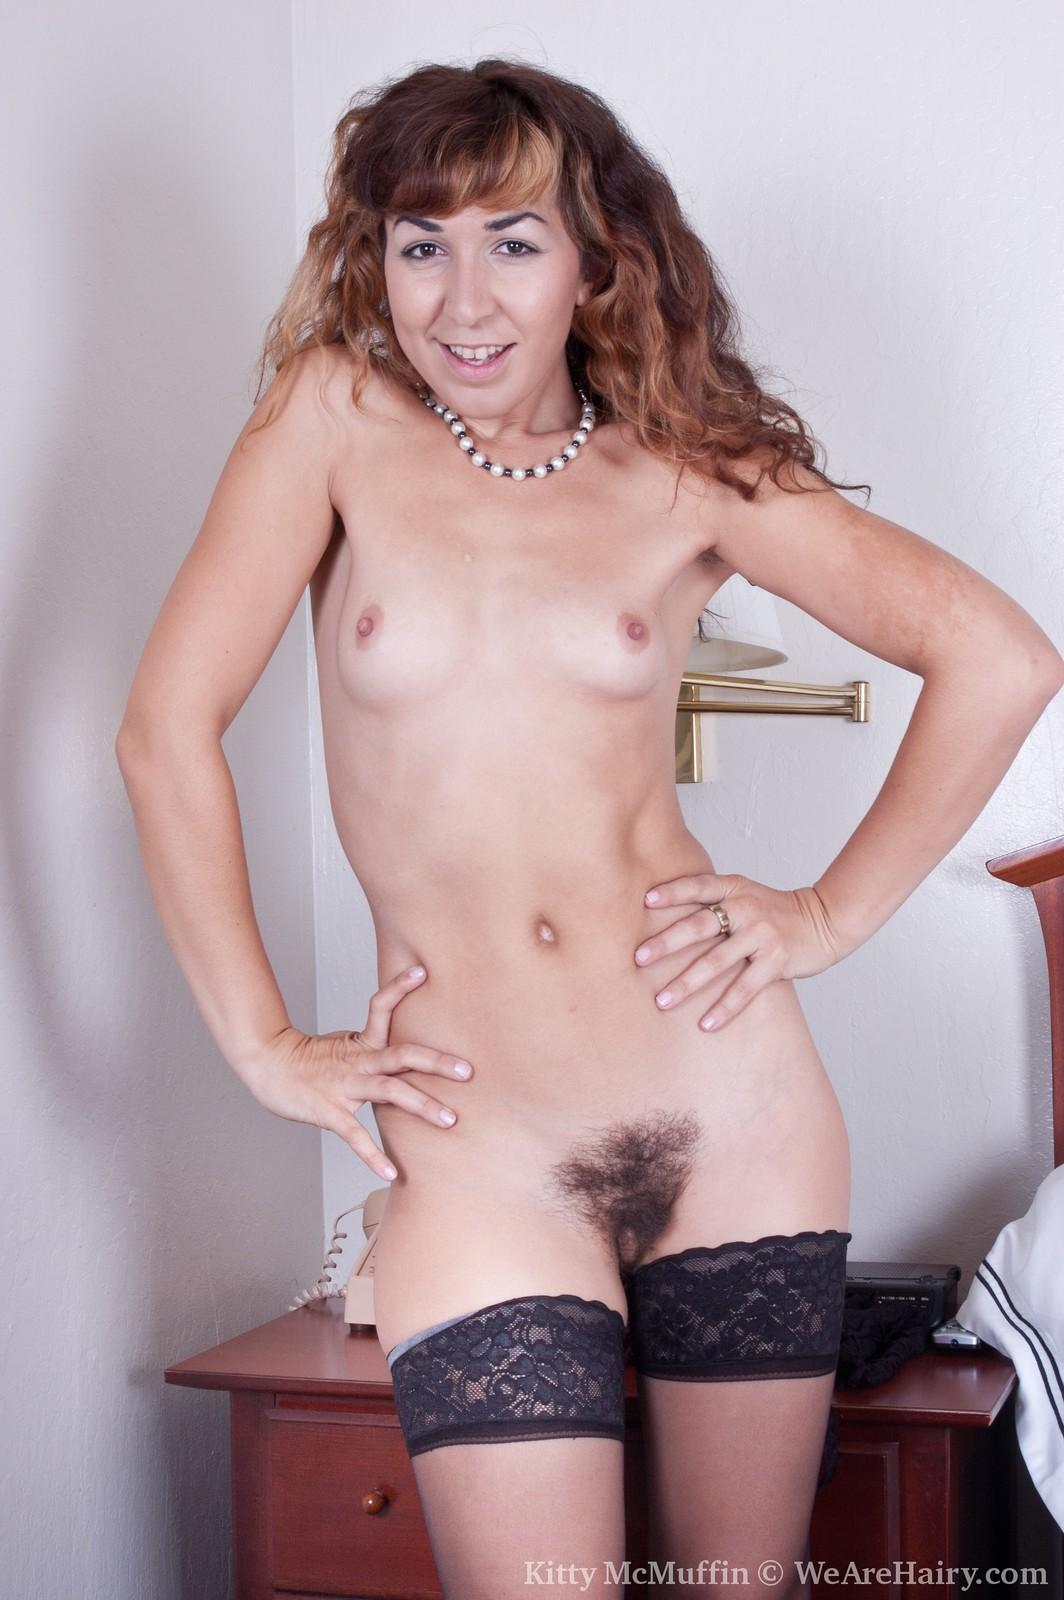 women showing nude kitty